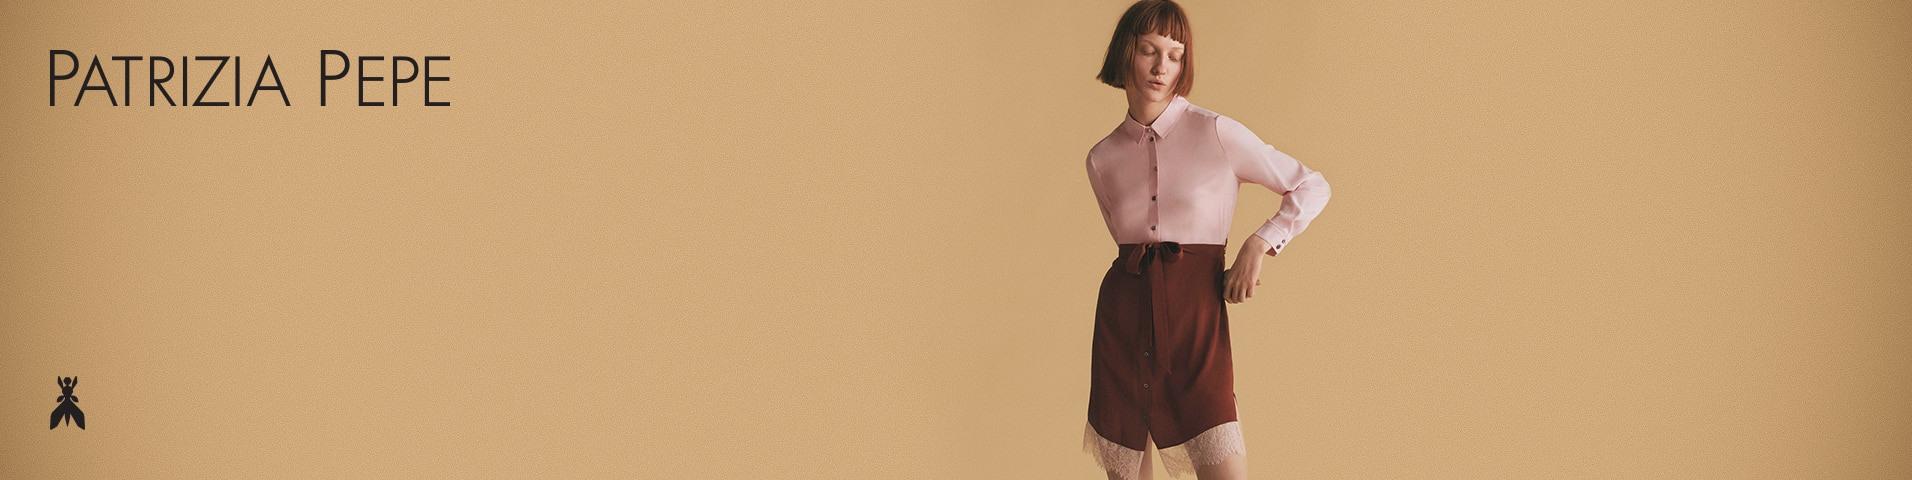 Designer Perfekt Zalando Abendkleider Galerie20 Wunderbar Zalando Abendkleider Boutique